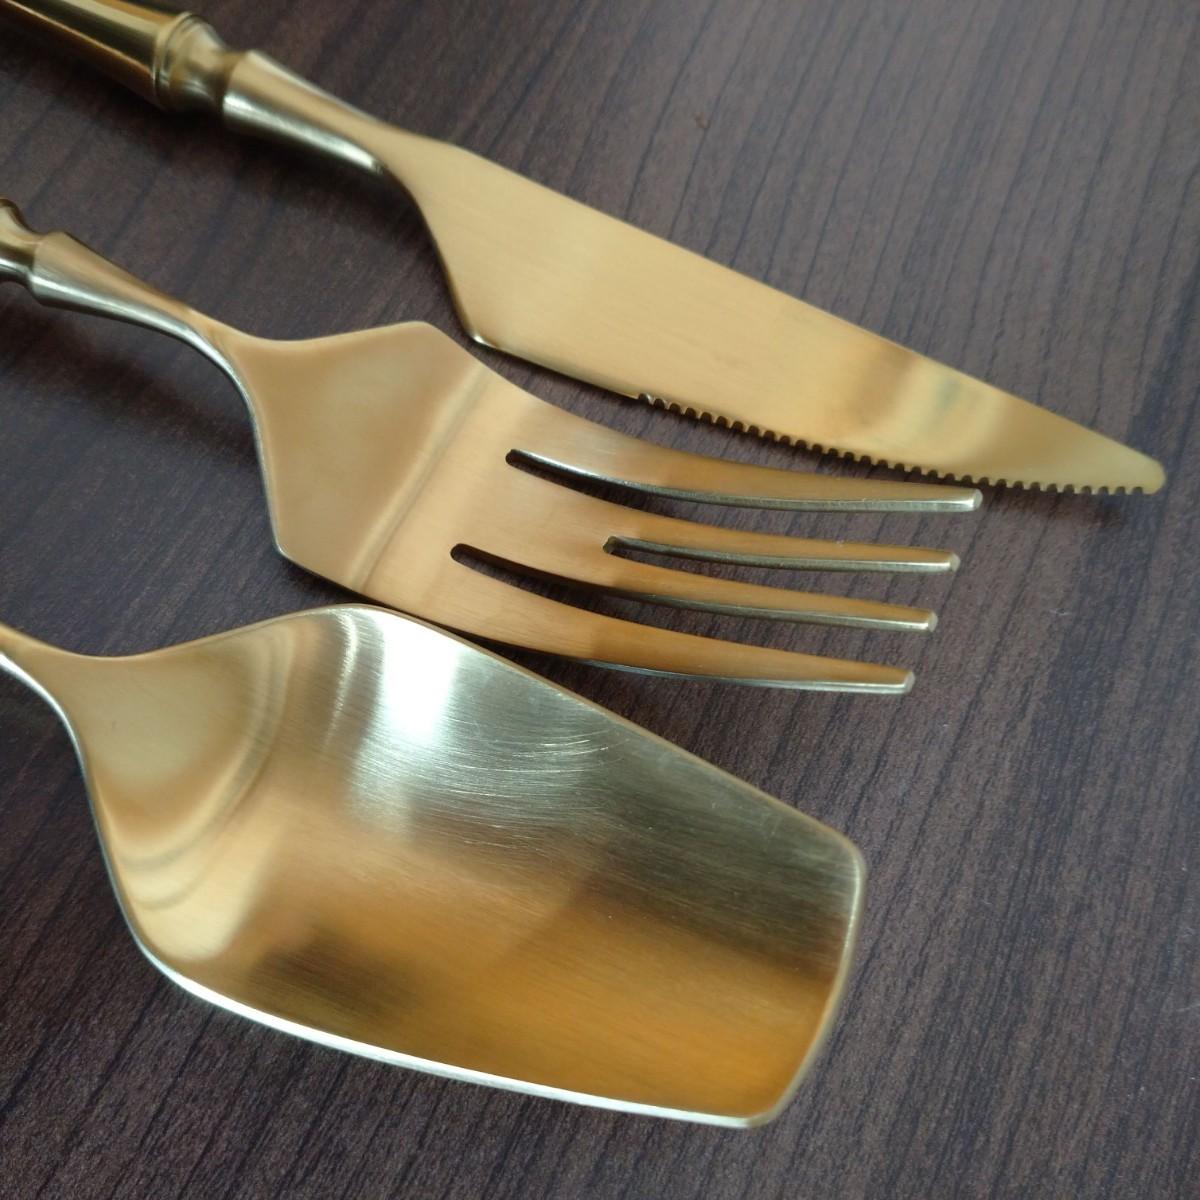 新品】マットゴールド カトラリー 5本セット フォーク スプーン ナイフ